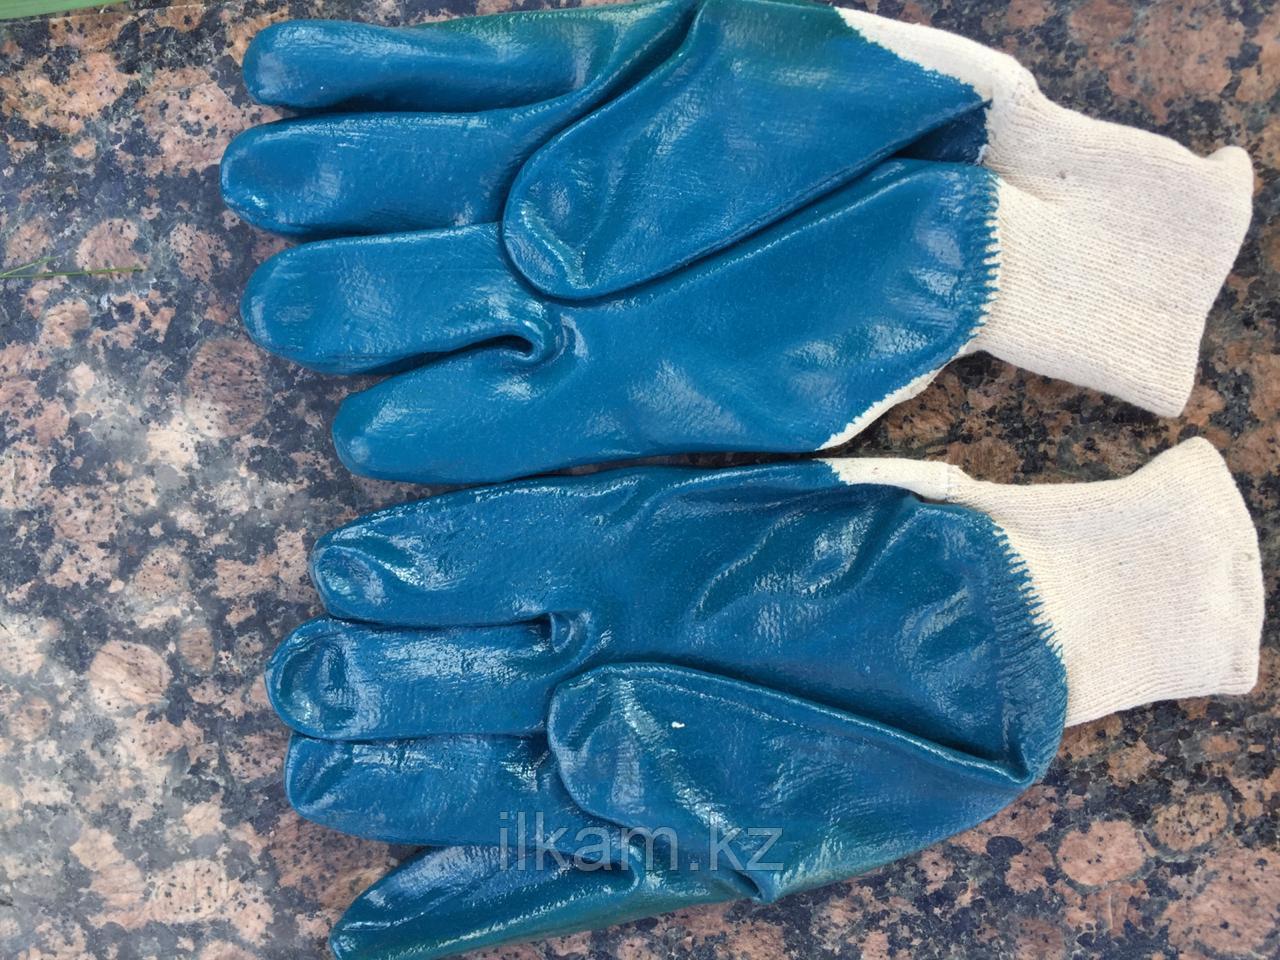 Перчатки маслобензиностойкие (МБС) с нитриловым покрытием